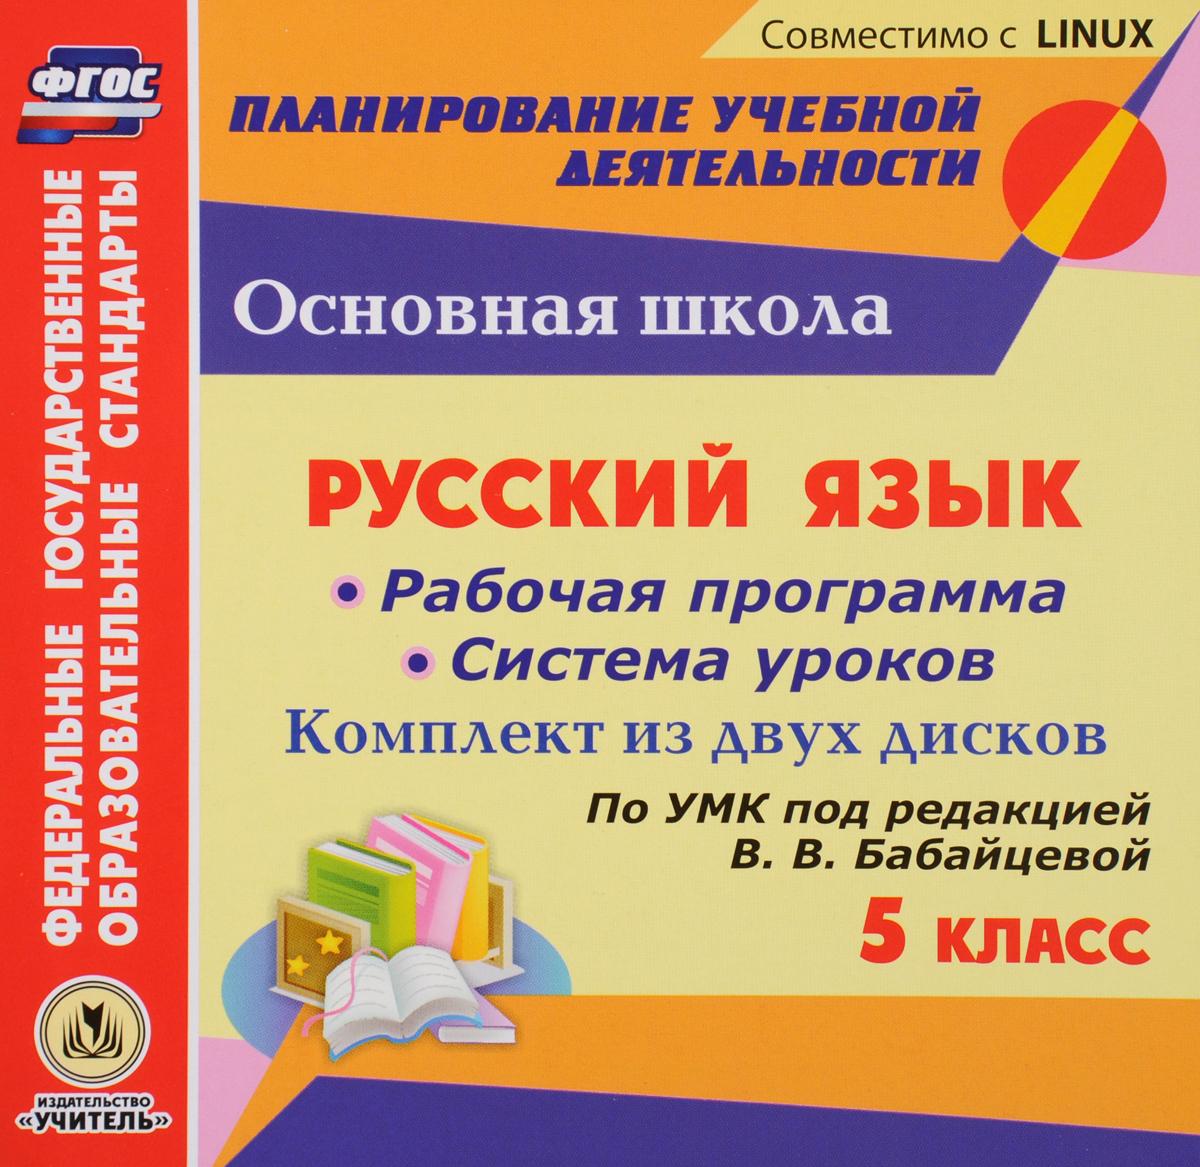 Рабочая программа и система уроков по УМК под редакцией В. В. Бабайцевой. Русский язык. 5 класс